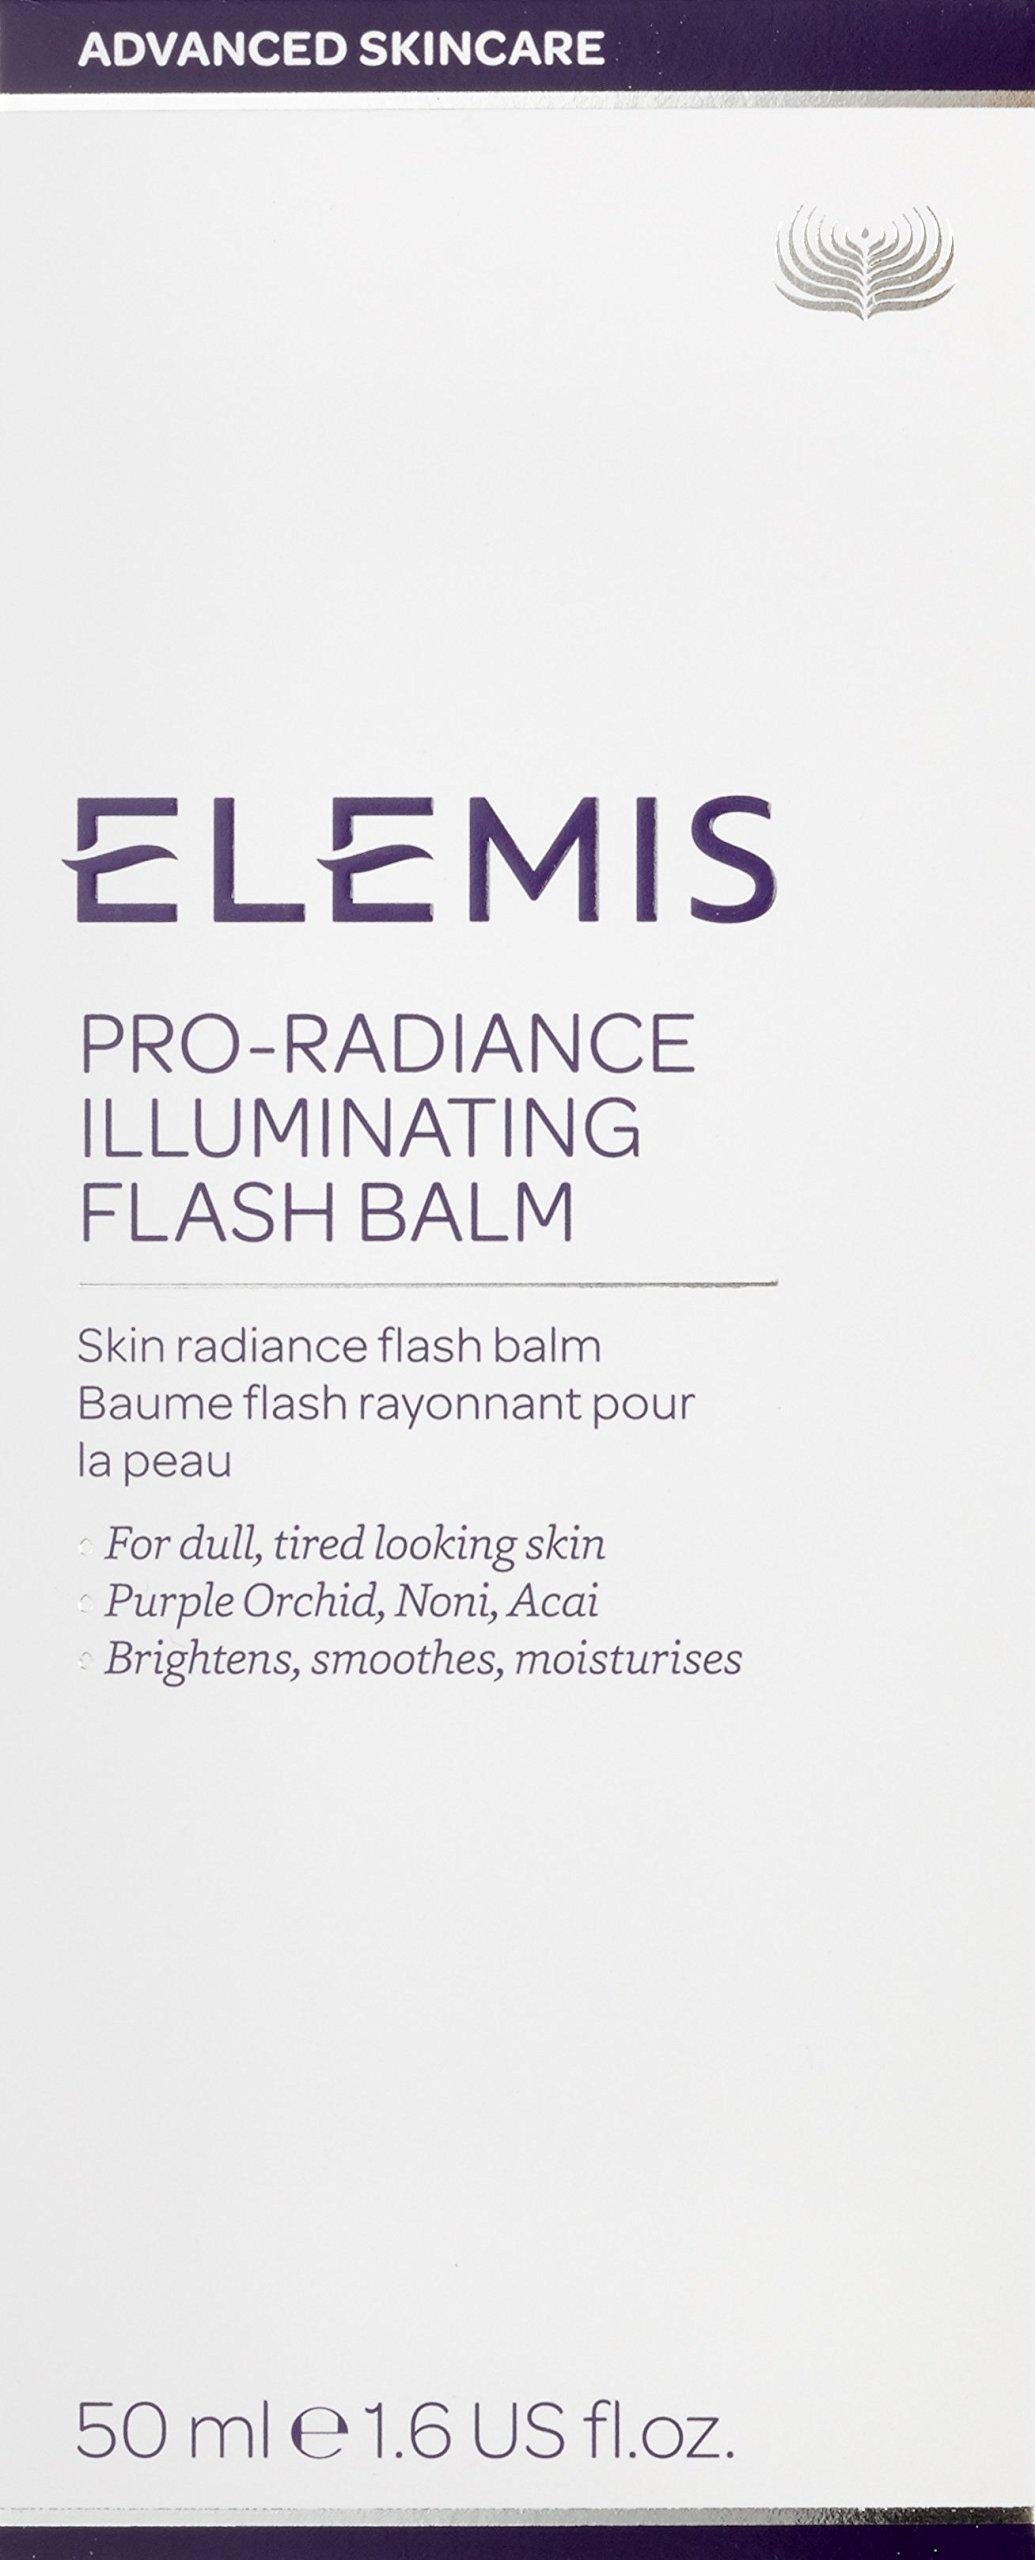 ELEMIS Pro-Radiance Illuminating Flash Balm - Skin Radiance Flash Balm by ELEMIS (Image #4)